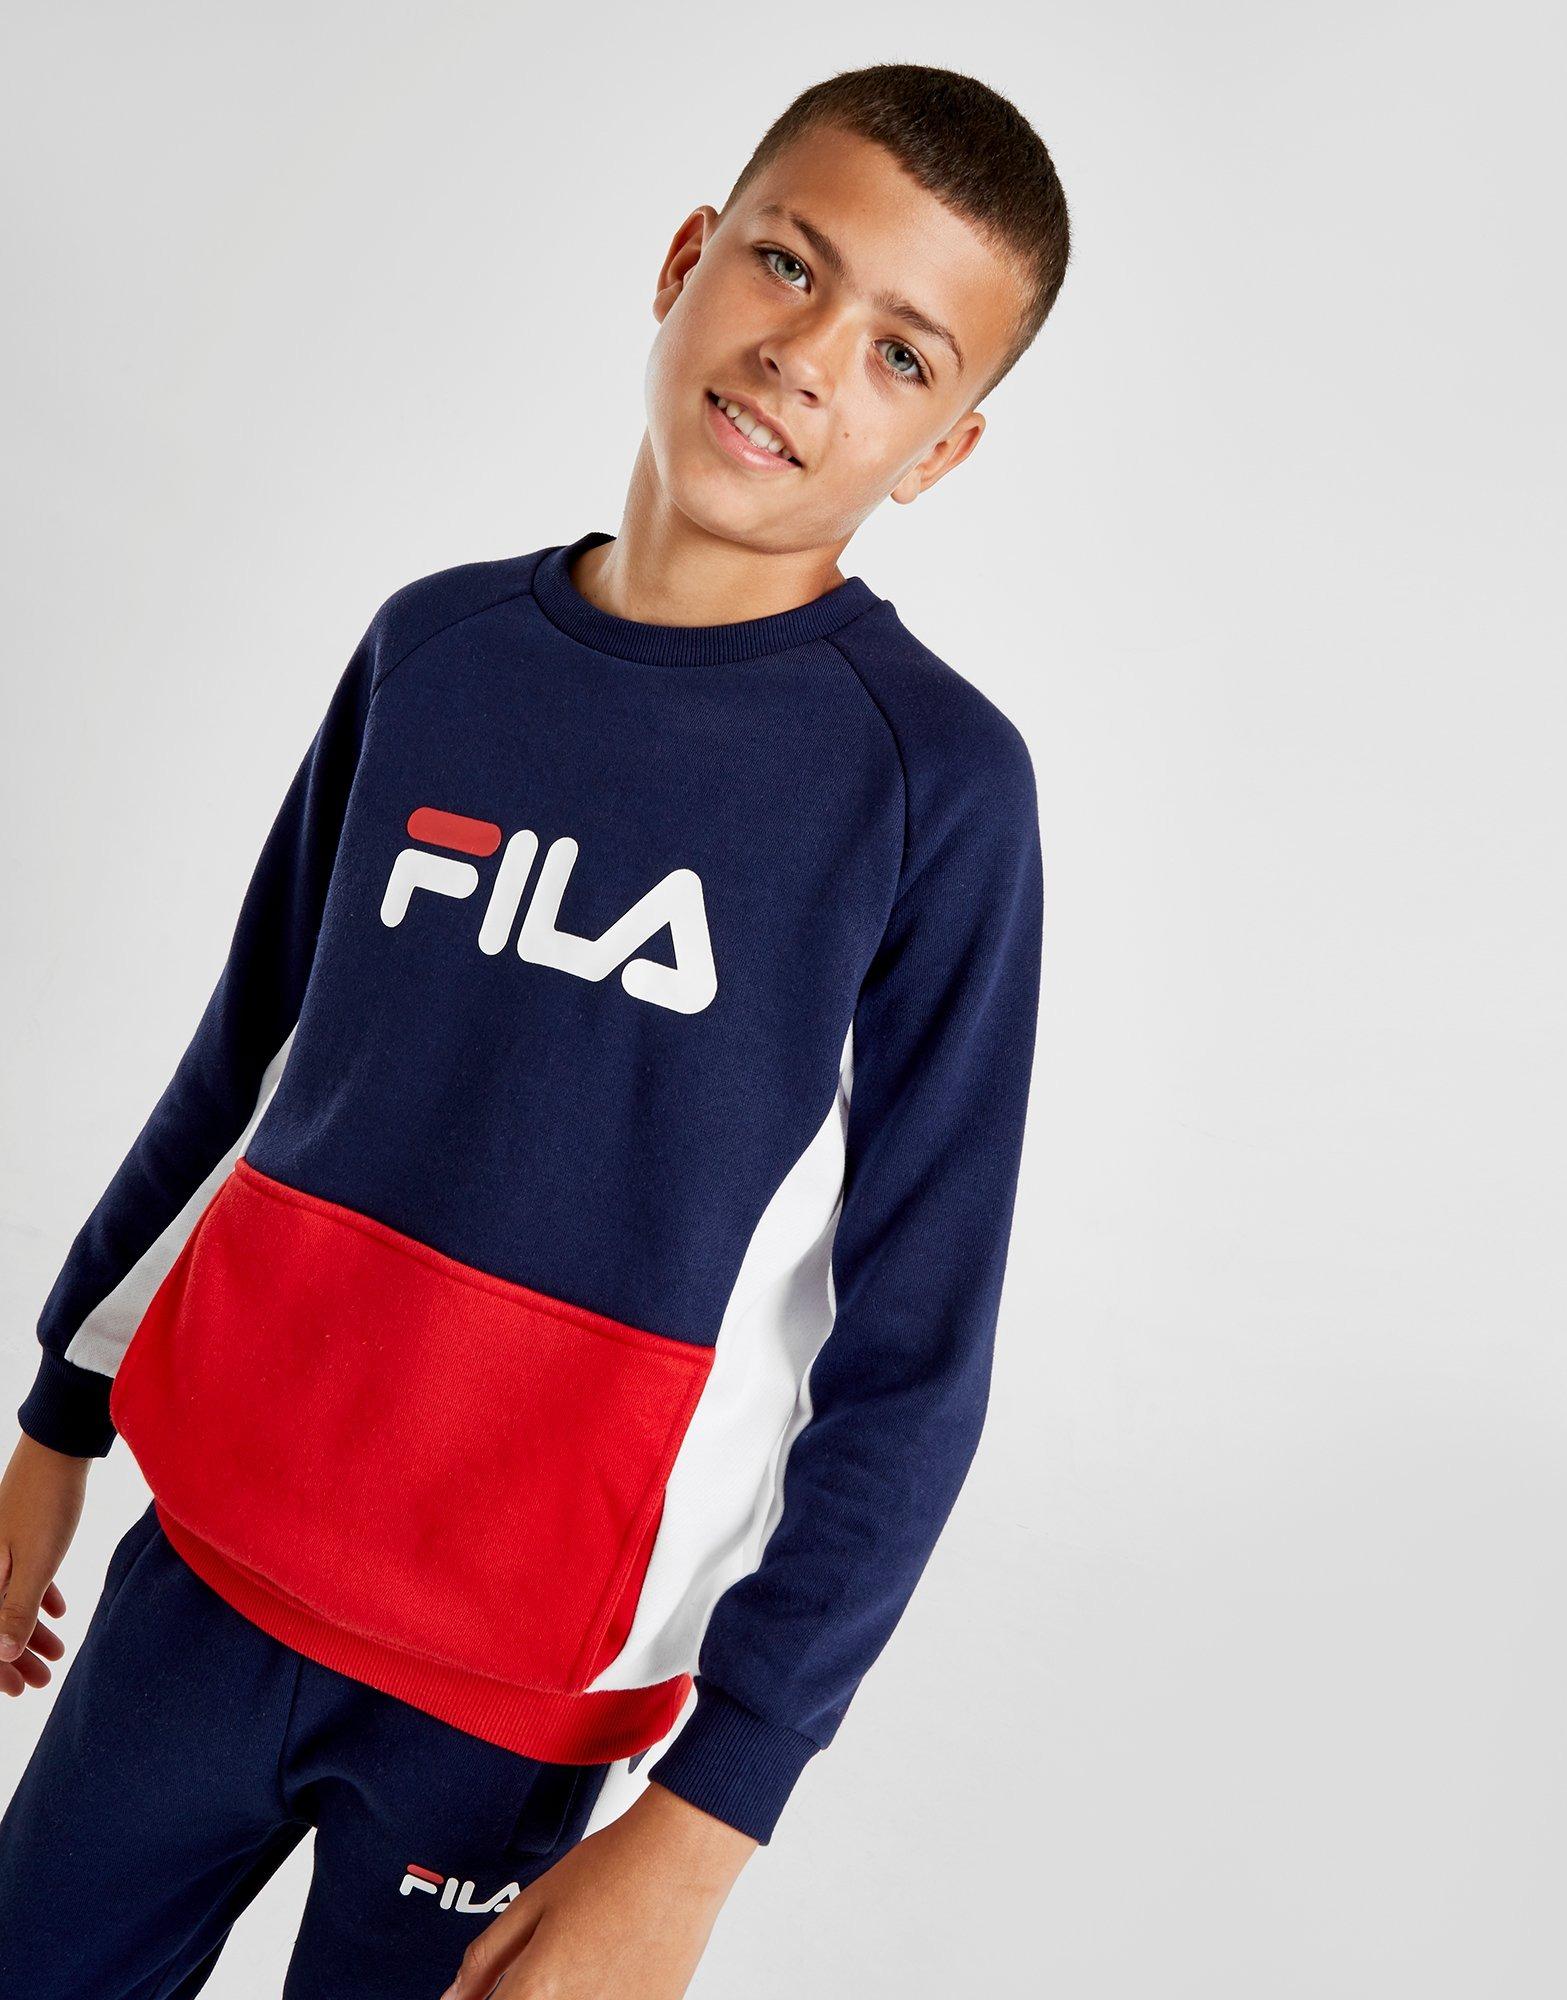 Felpa girocollo a tre colori con logo Fila 10 16 anni | Pellizzari E commerce